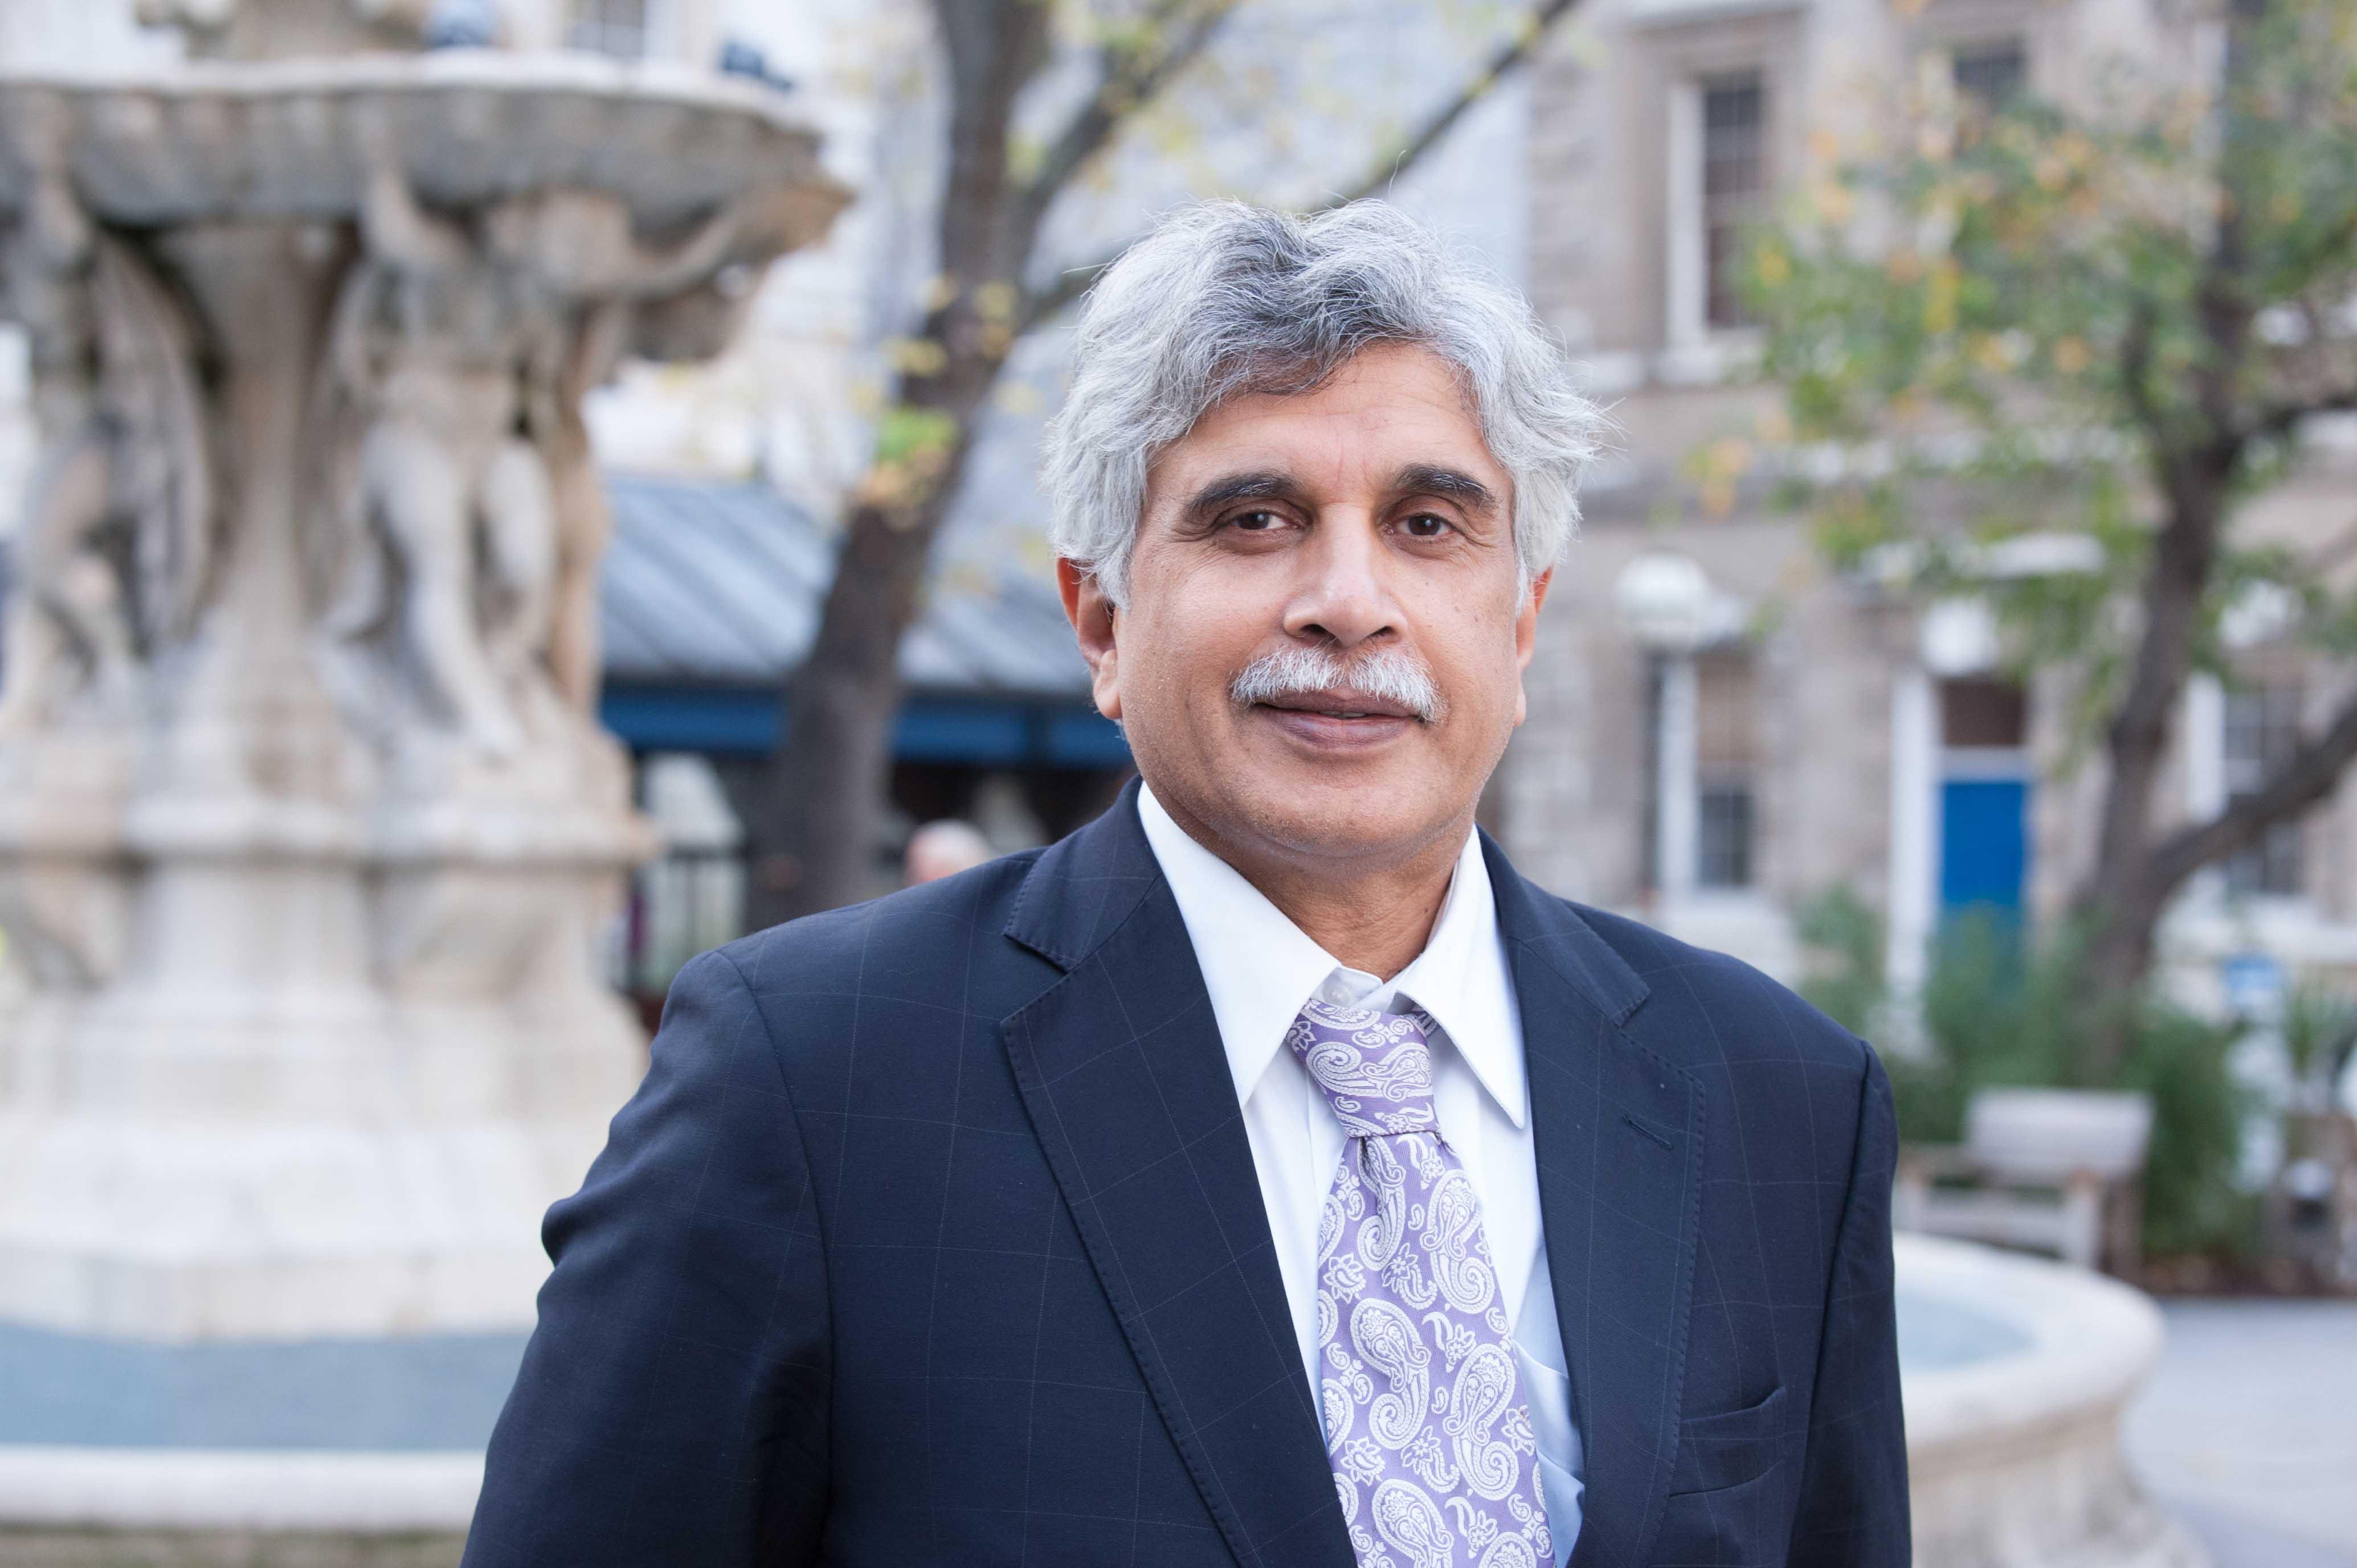 Kolvekar Practice Consultant Cardiothoracic Surgeon London Dr Shyam Kolvekar